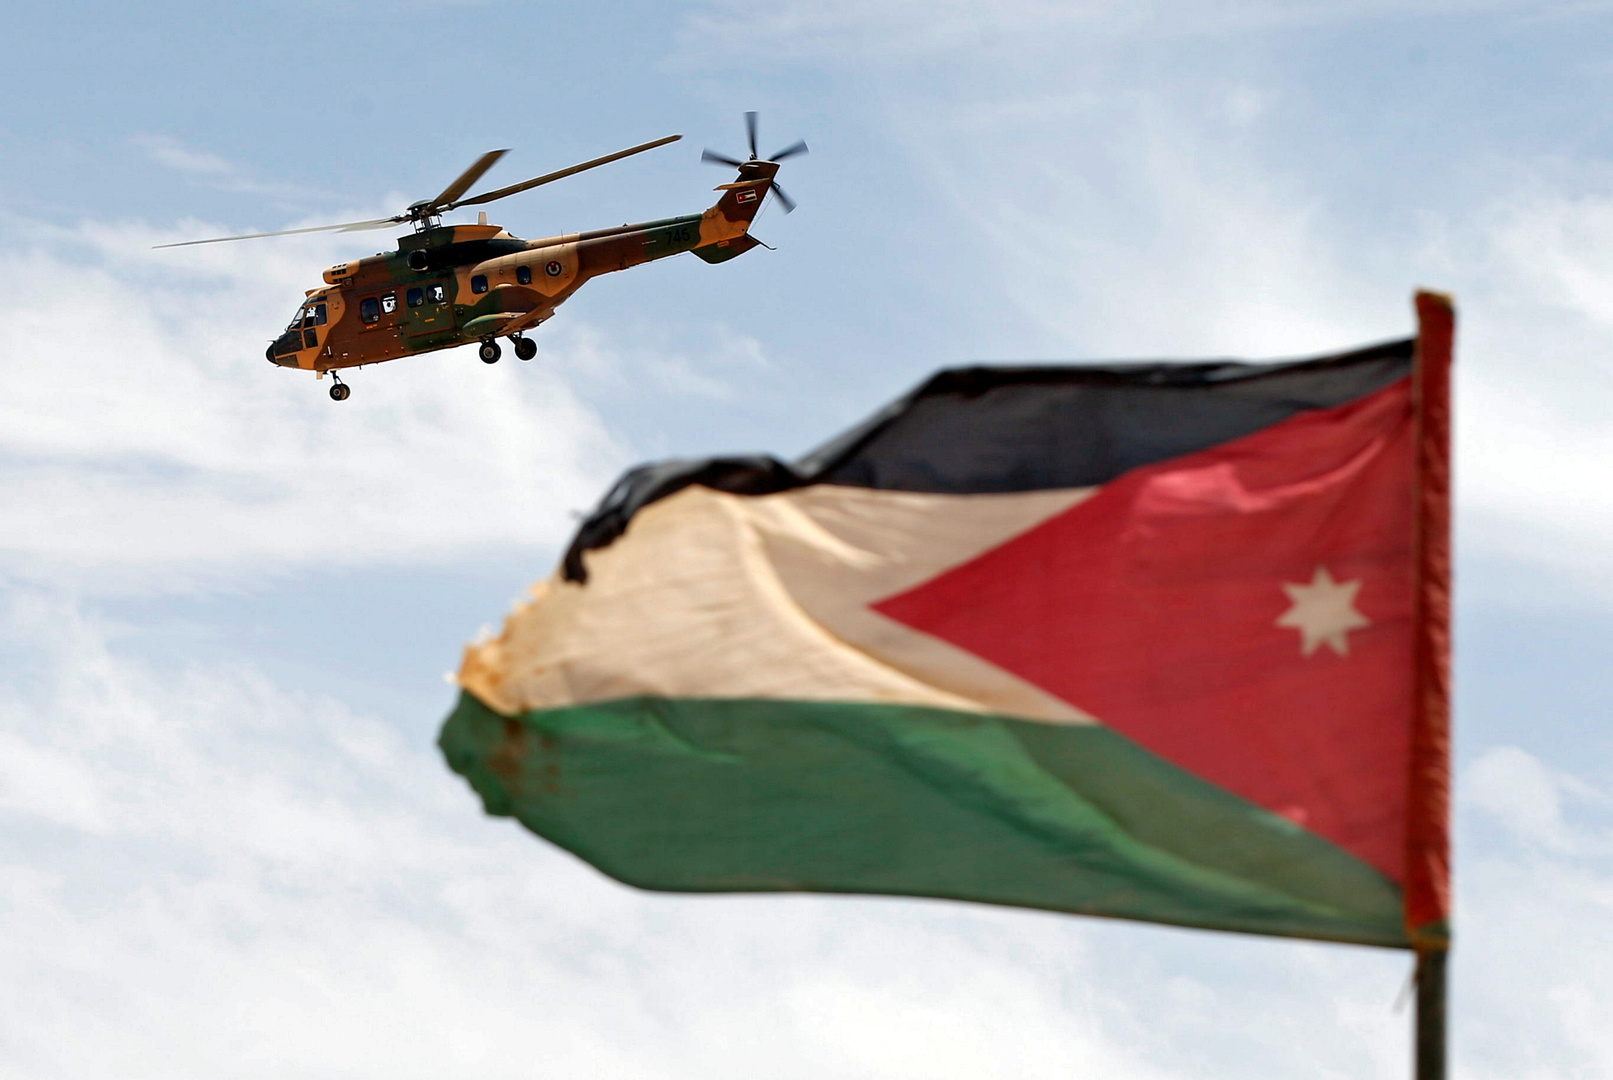 محكمة التمييز في الأردن تقرر تأييد الحكم الصادر بحق المتهمين بقضية